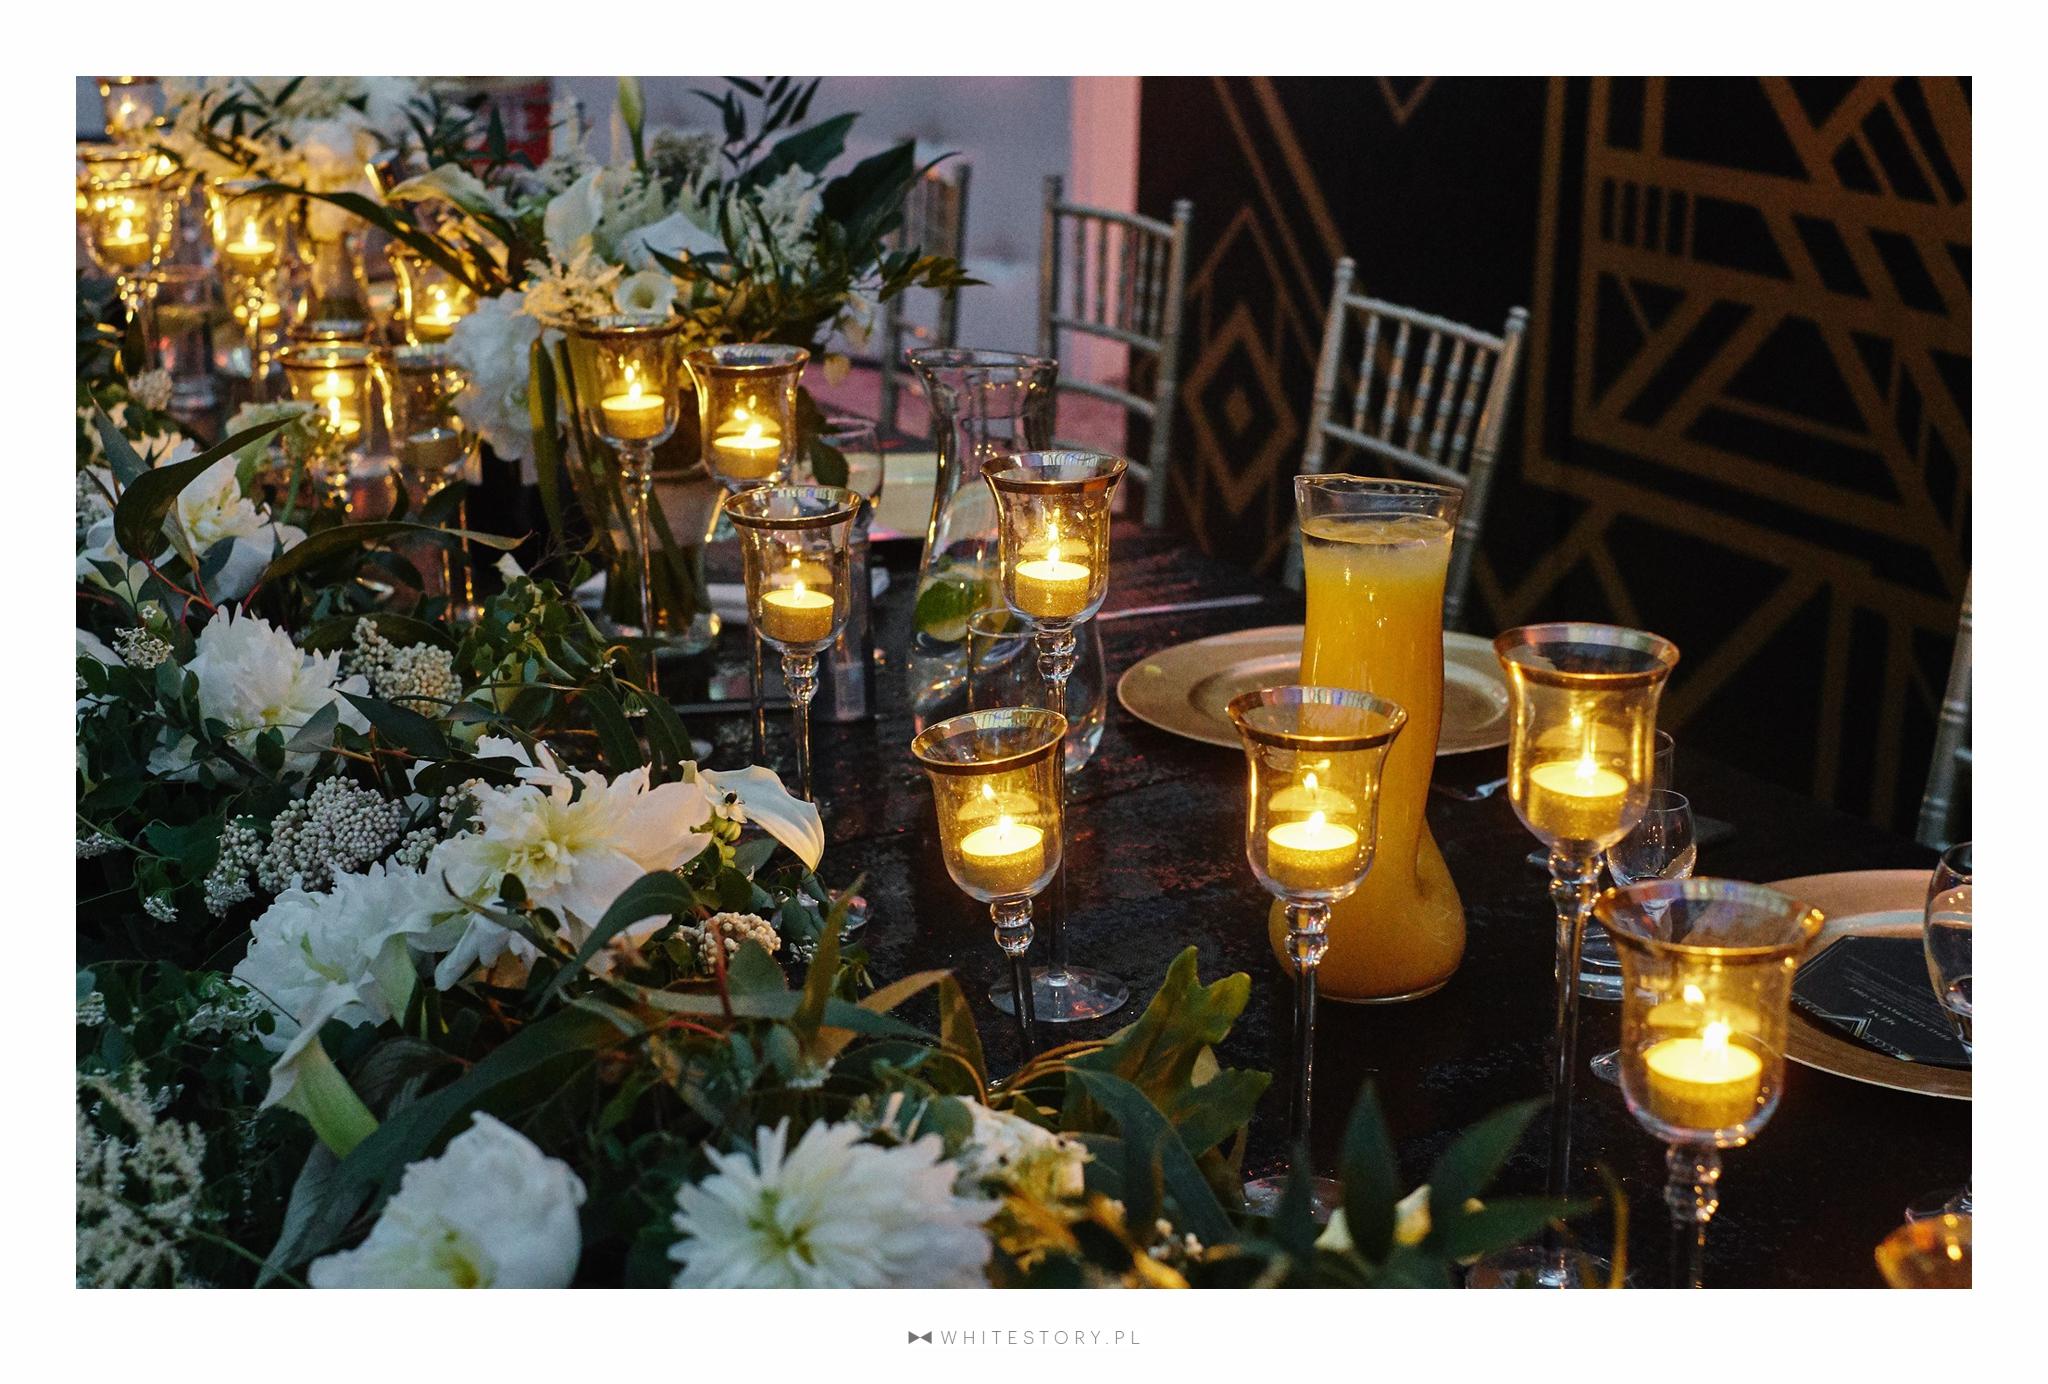 Wesele w motywie art deco the great gatsby organizowane przez Dariusz Zwadowski konsultant ślubny. Na zdjęciu czarny cekinowy obrus, świece, złote podtalerze, krzesła chiavarii